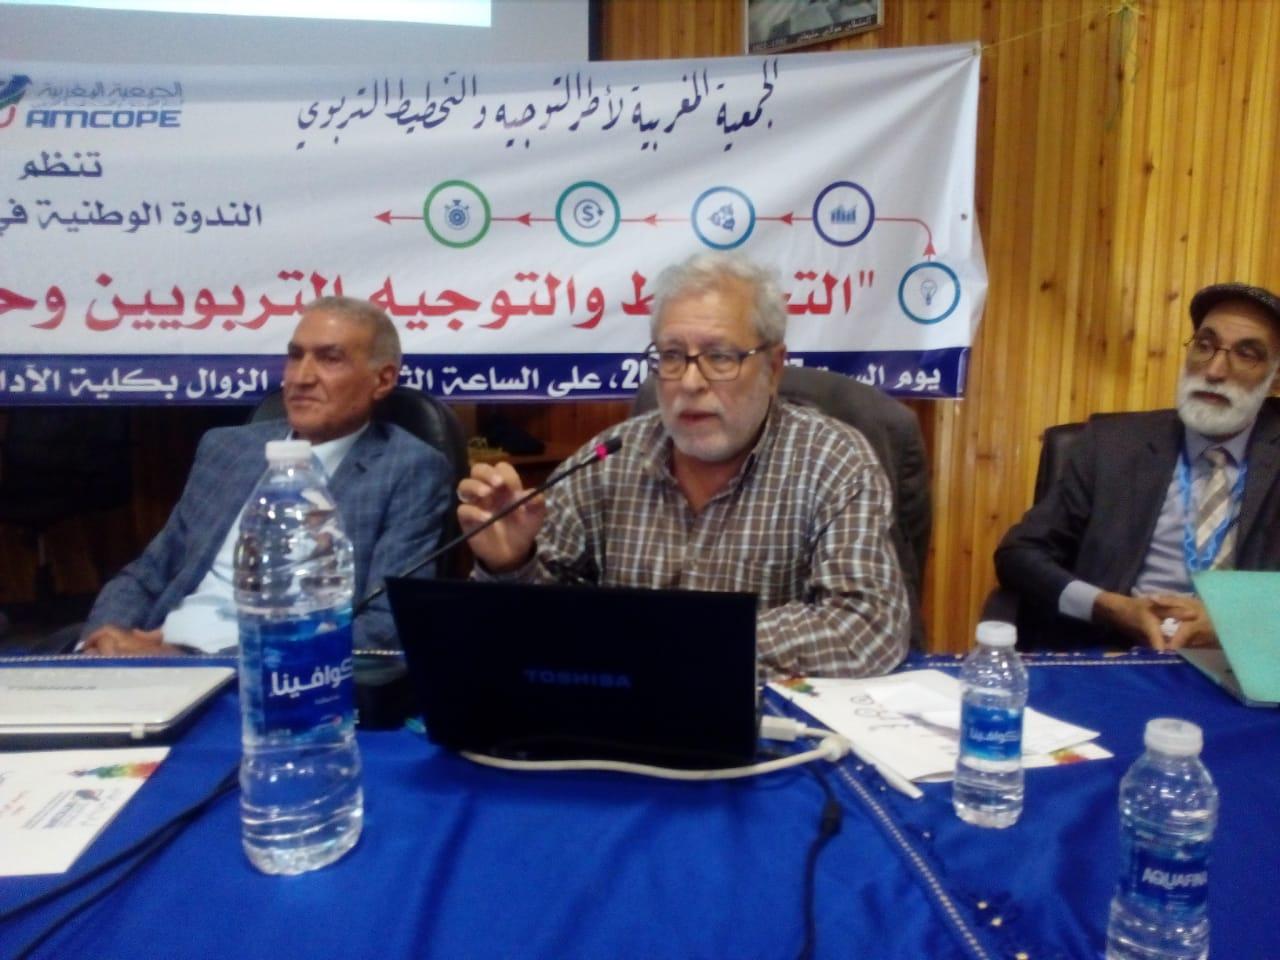 الجمعية المغربية لأطر التوجية تنظم ندوة وطنية احتفالا بعيد ميلادها السادس والأربعون